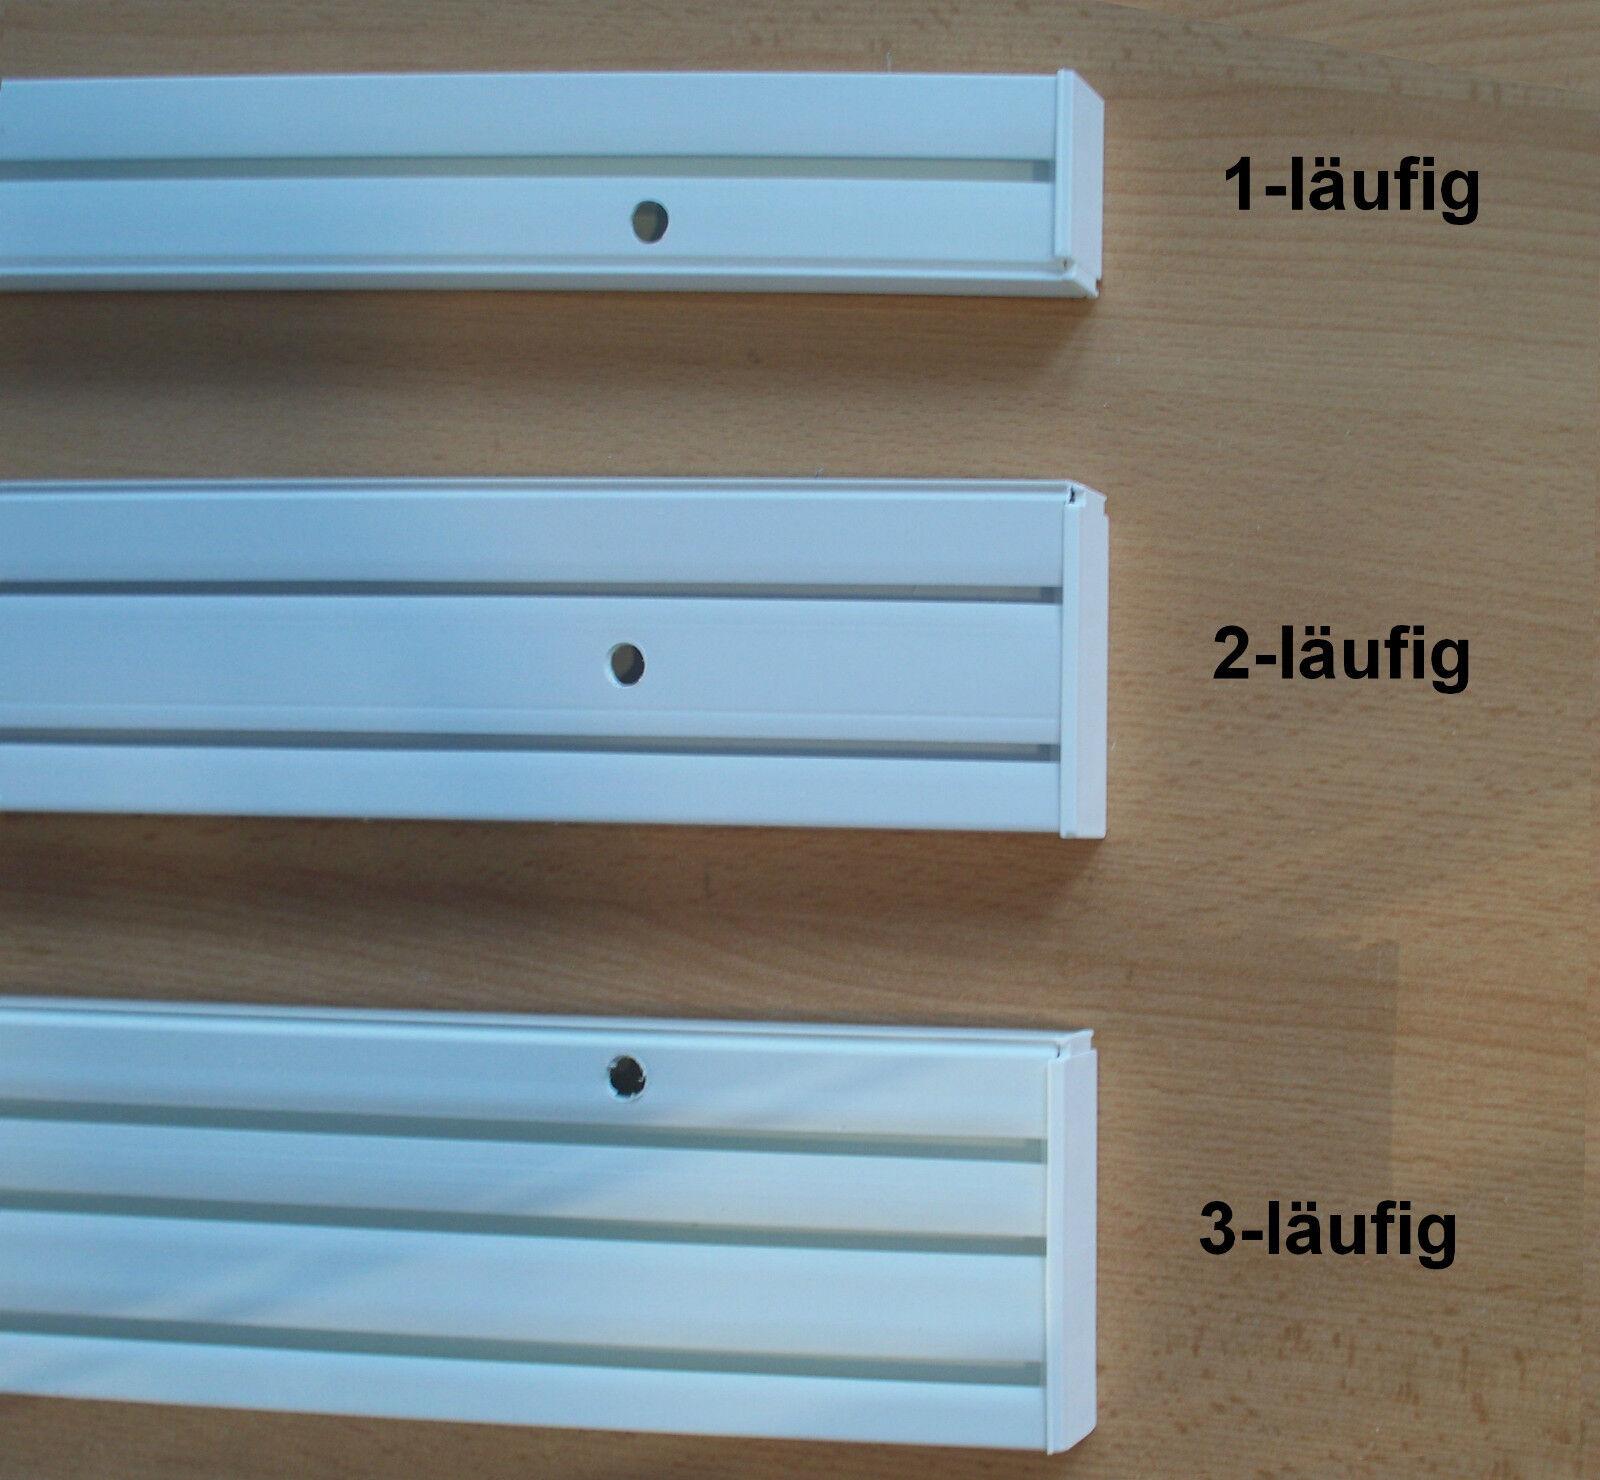 Gardinenschiene Vorhangschiene 1/2/3-Lauf, Innenlaufrollen, U-Verbinder, Deckel